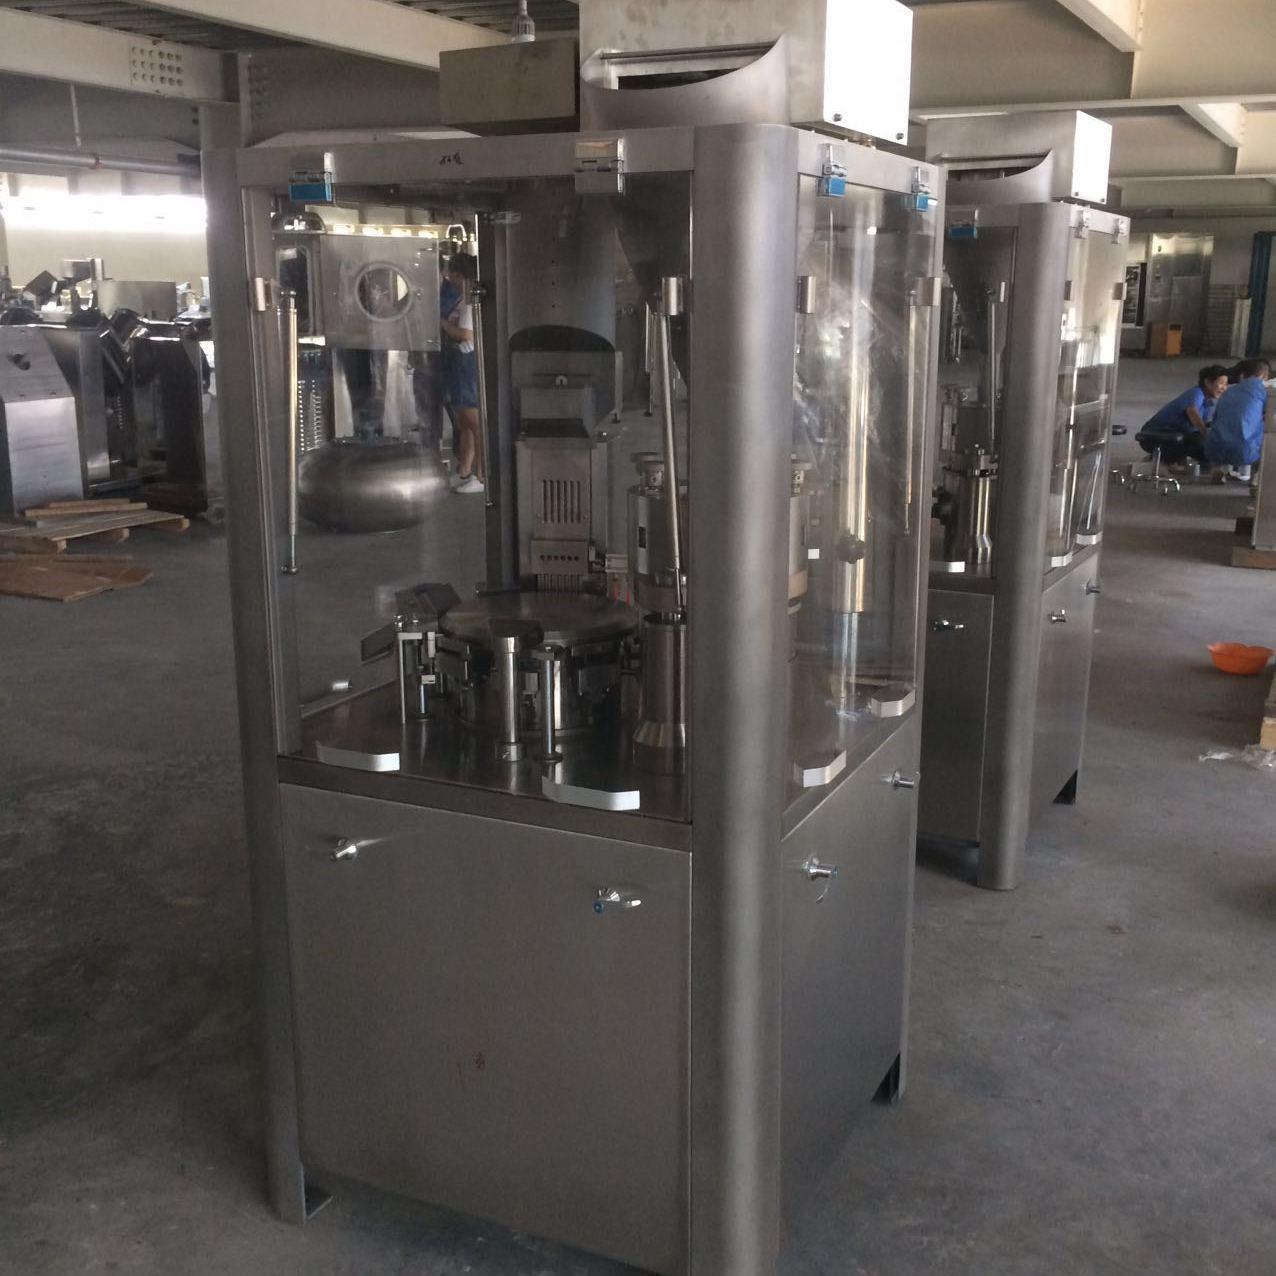 供应维诺全自动胶囊机  连体胶囊套合机   胶囊灌装机械    胶囊机厂家